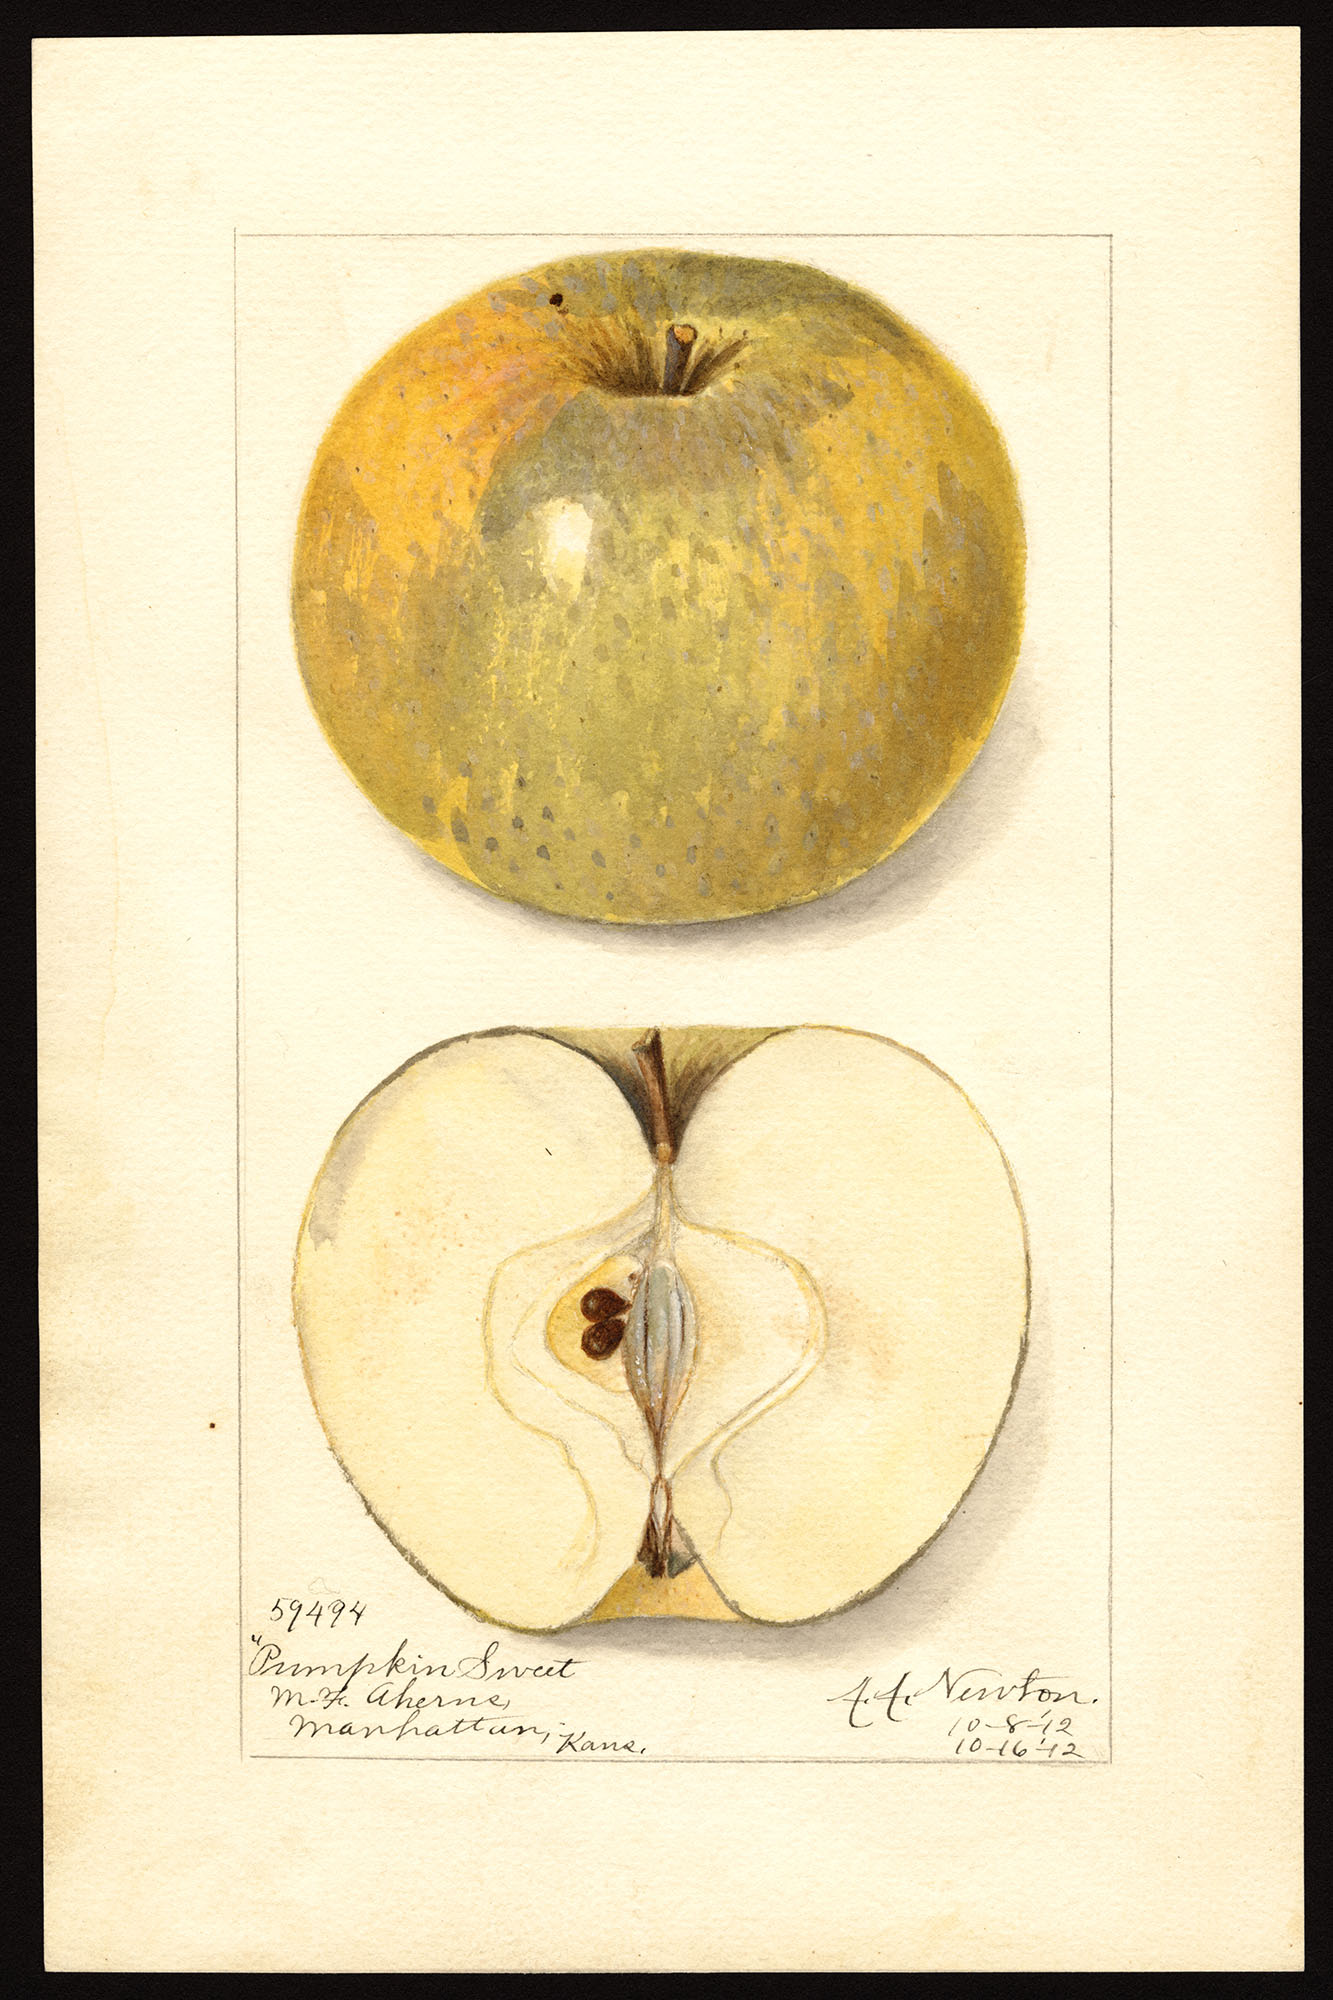 Gallery Old Time Apple Varieties In The Northwest